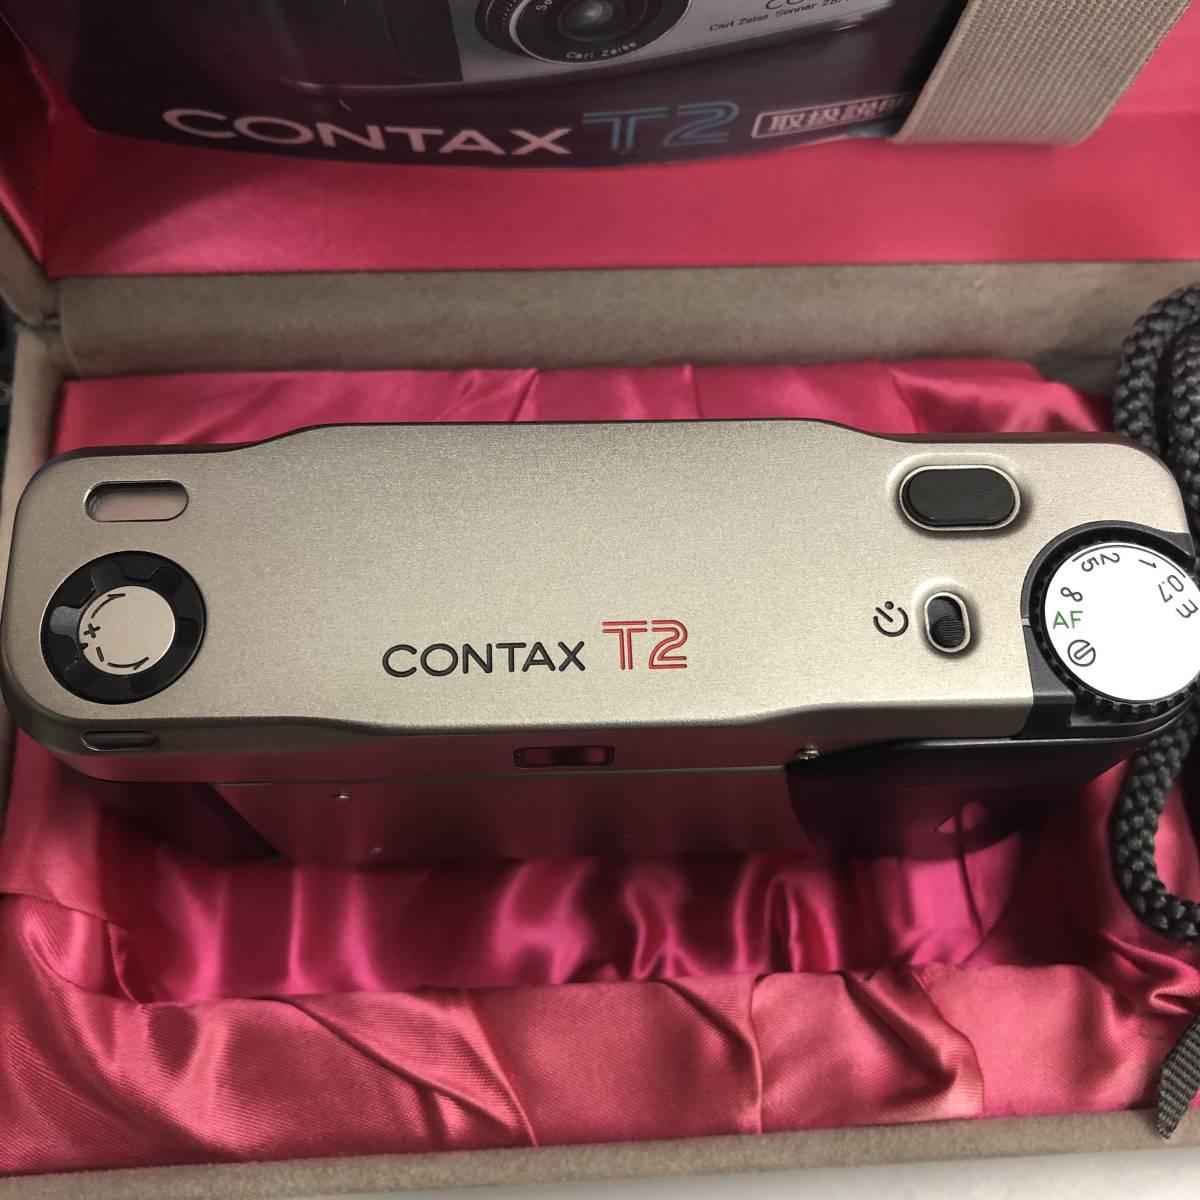 ★美品★ コンタックス CONTAX T2 Sonnar 38mm F2.8 T* コンパクトフィルムカメラ 取扱説明書 元箱 ケース ストラップ付_画像7